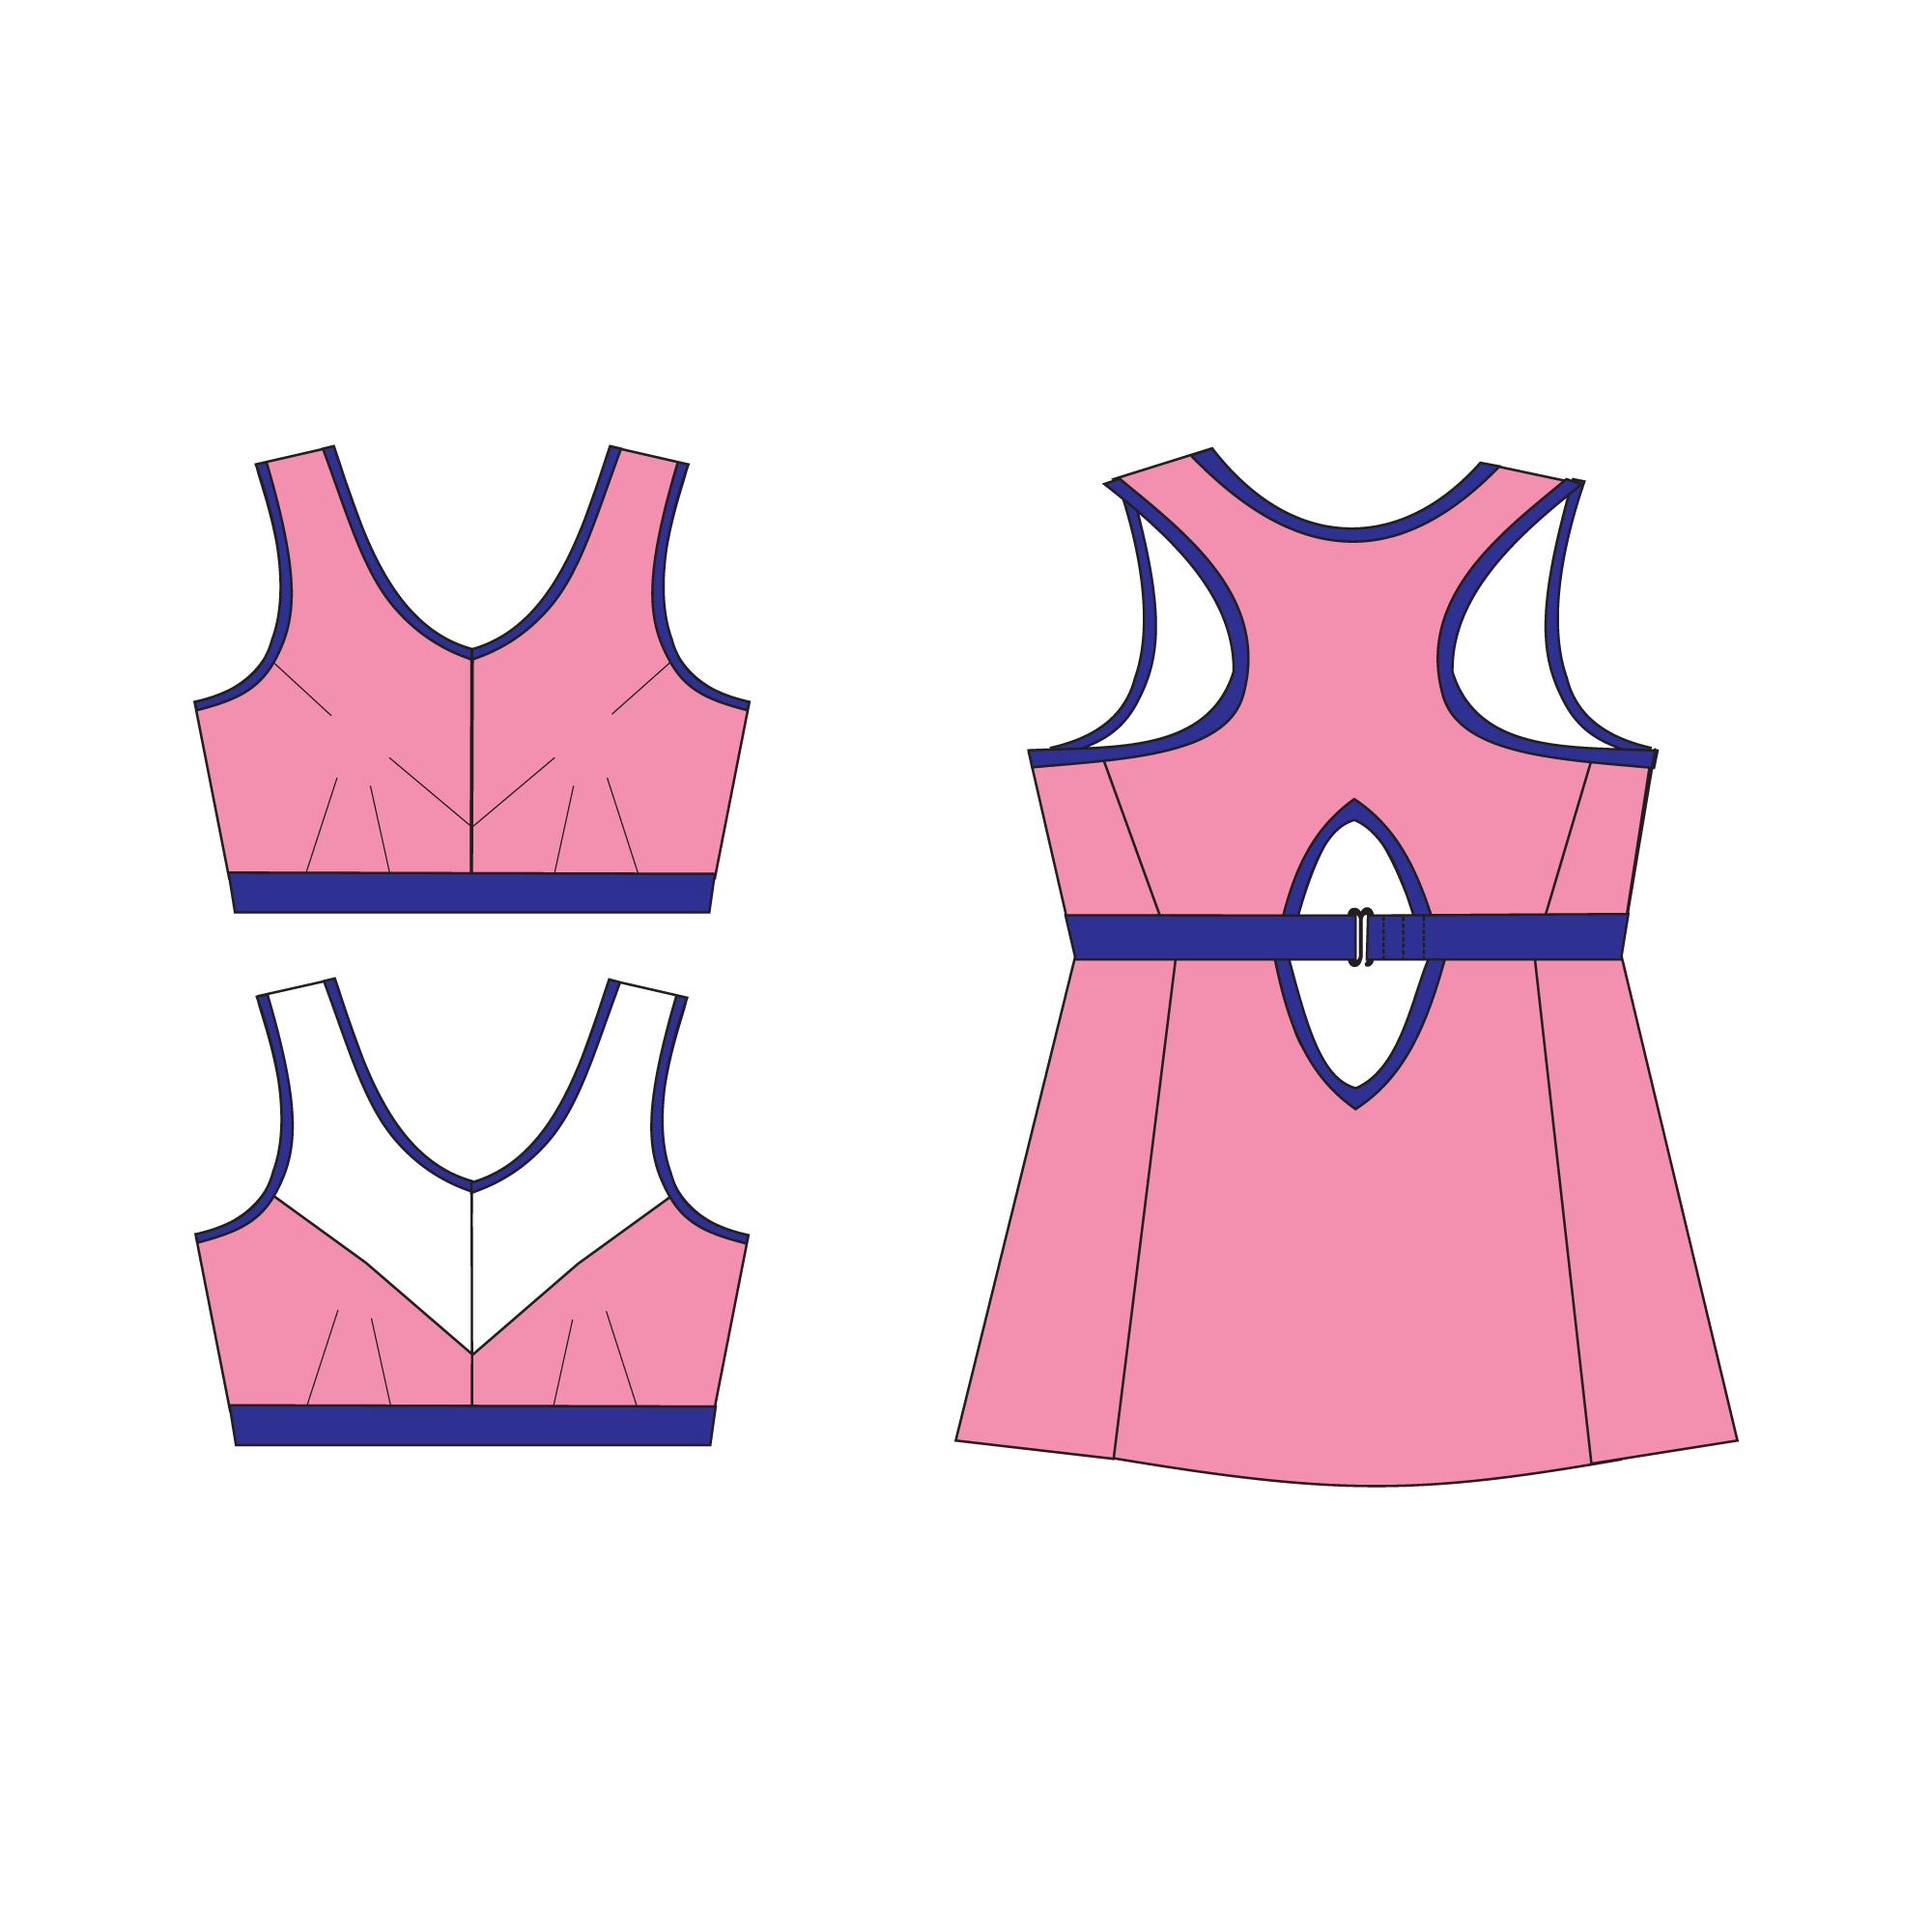 Bra clipart sports bra. Sewing patterns last stitch